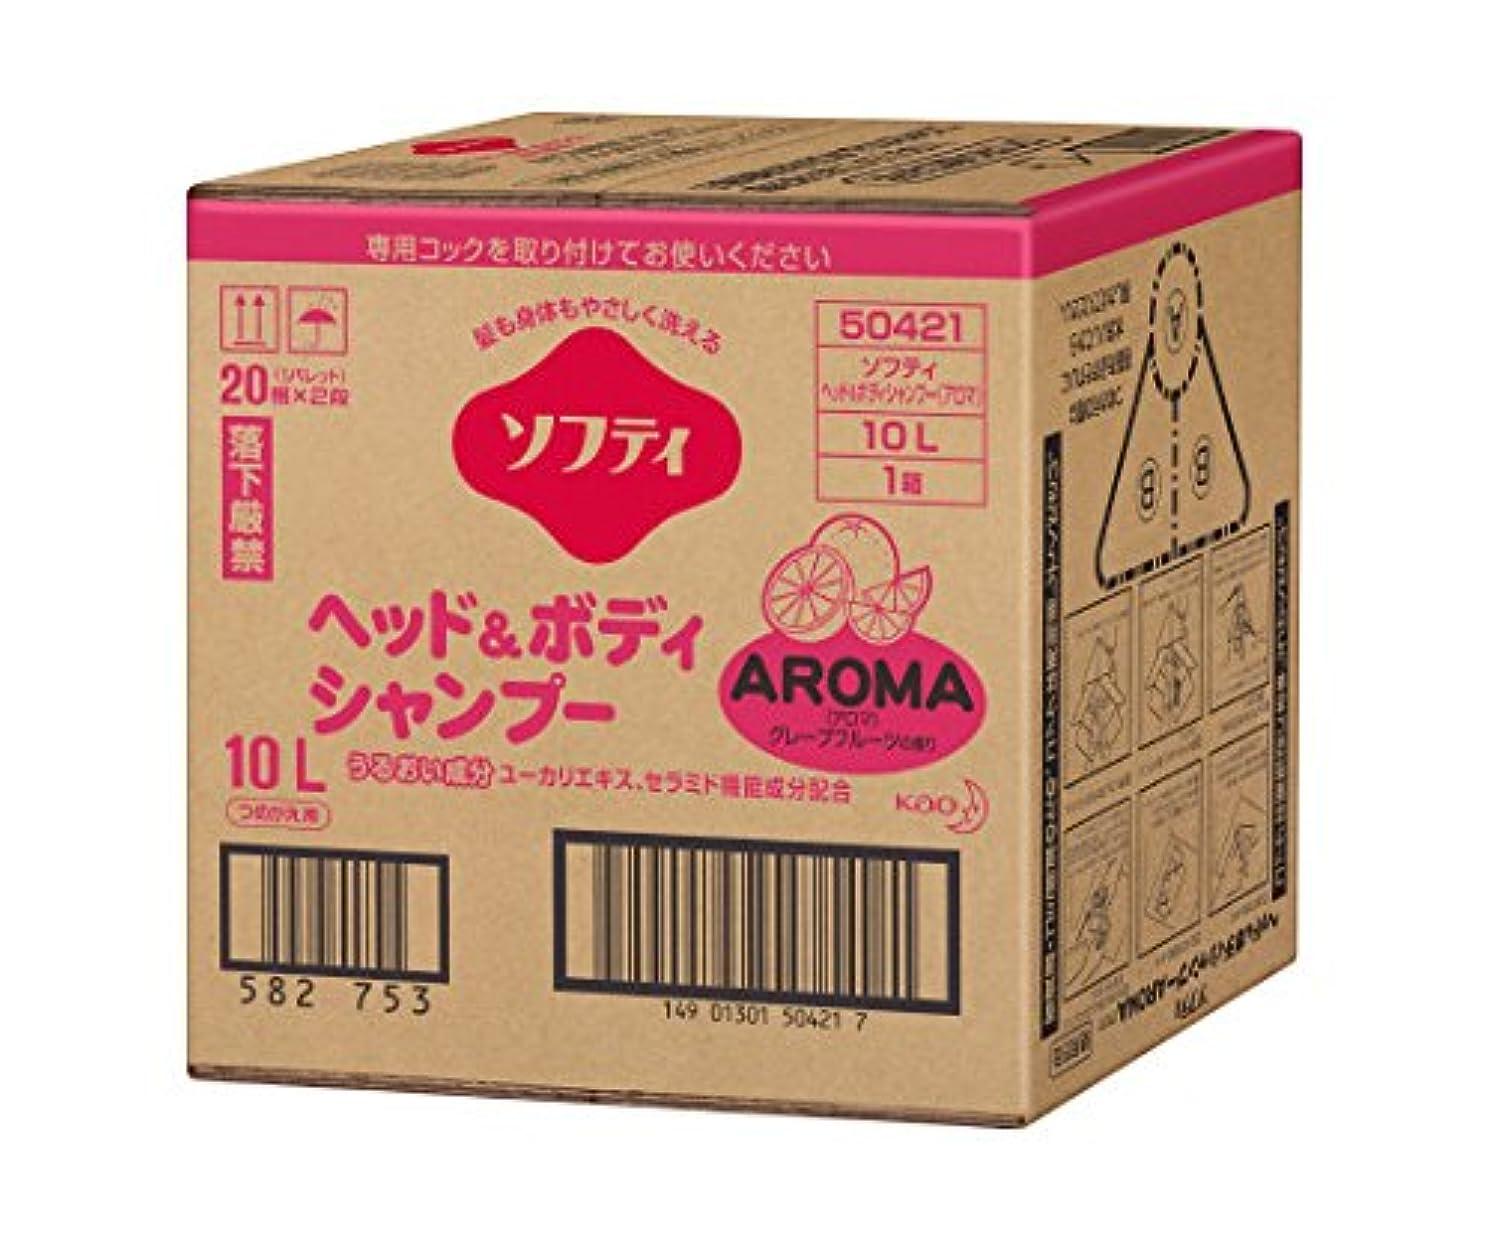 争い不適当ホテル花王61-8510-01ソフティヘッド&ボディシャンプーAROMA(アロマ)10Lバッグインボックスタイプ介護用